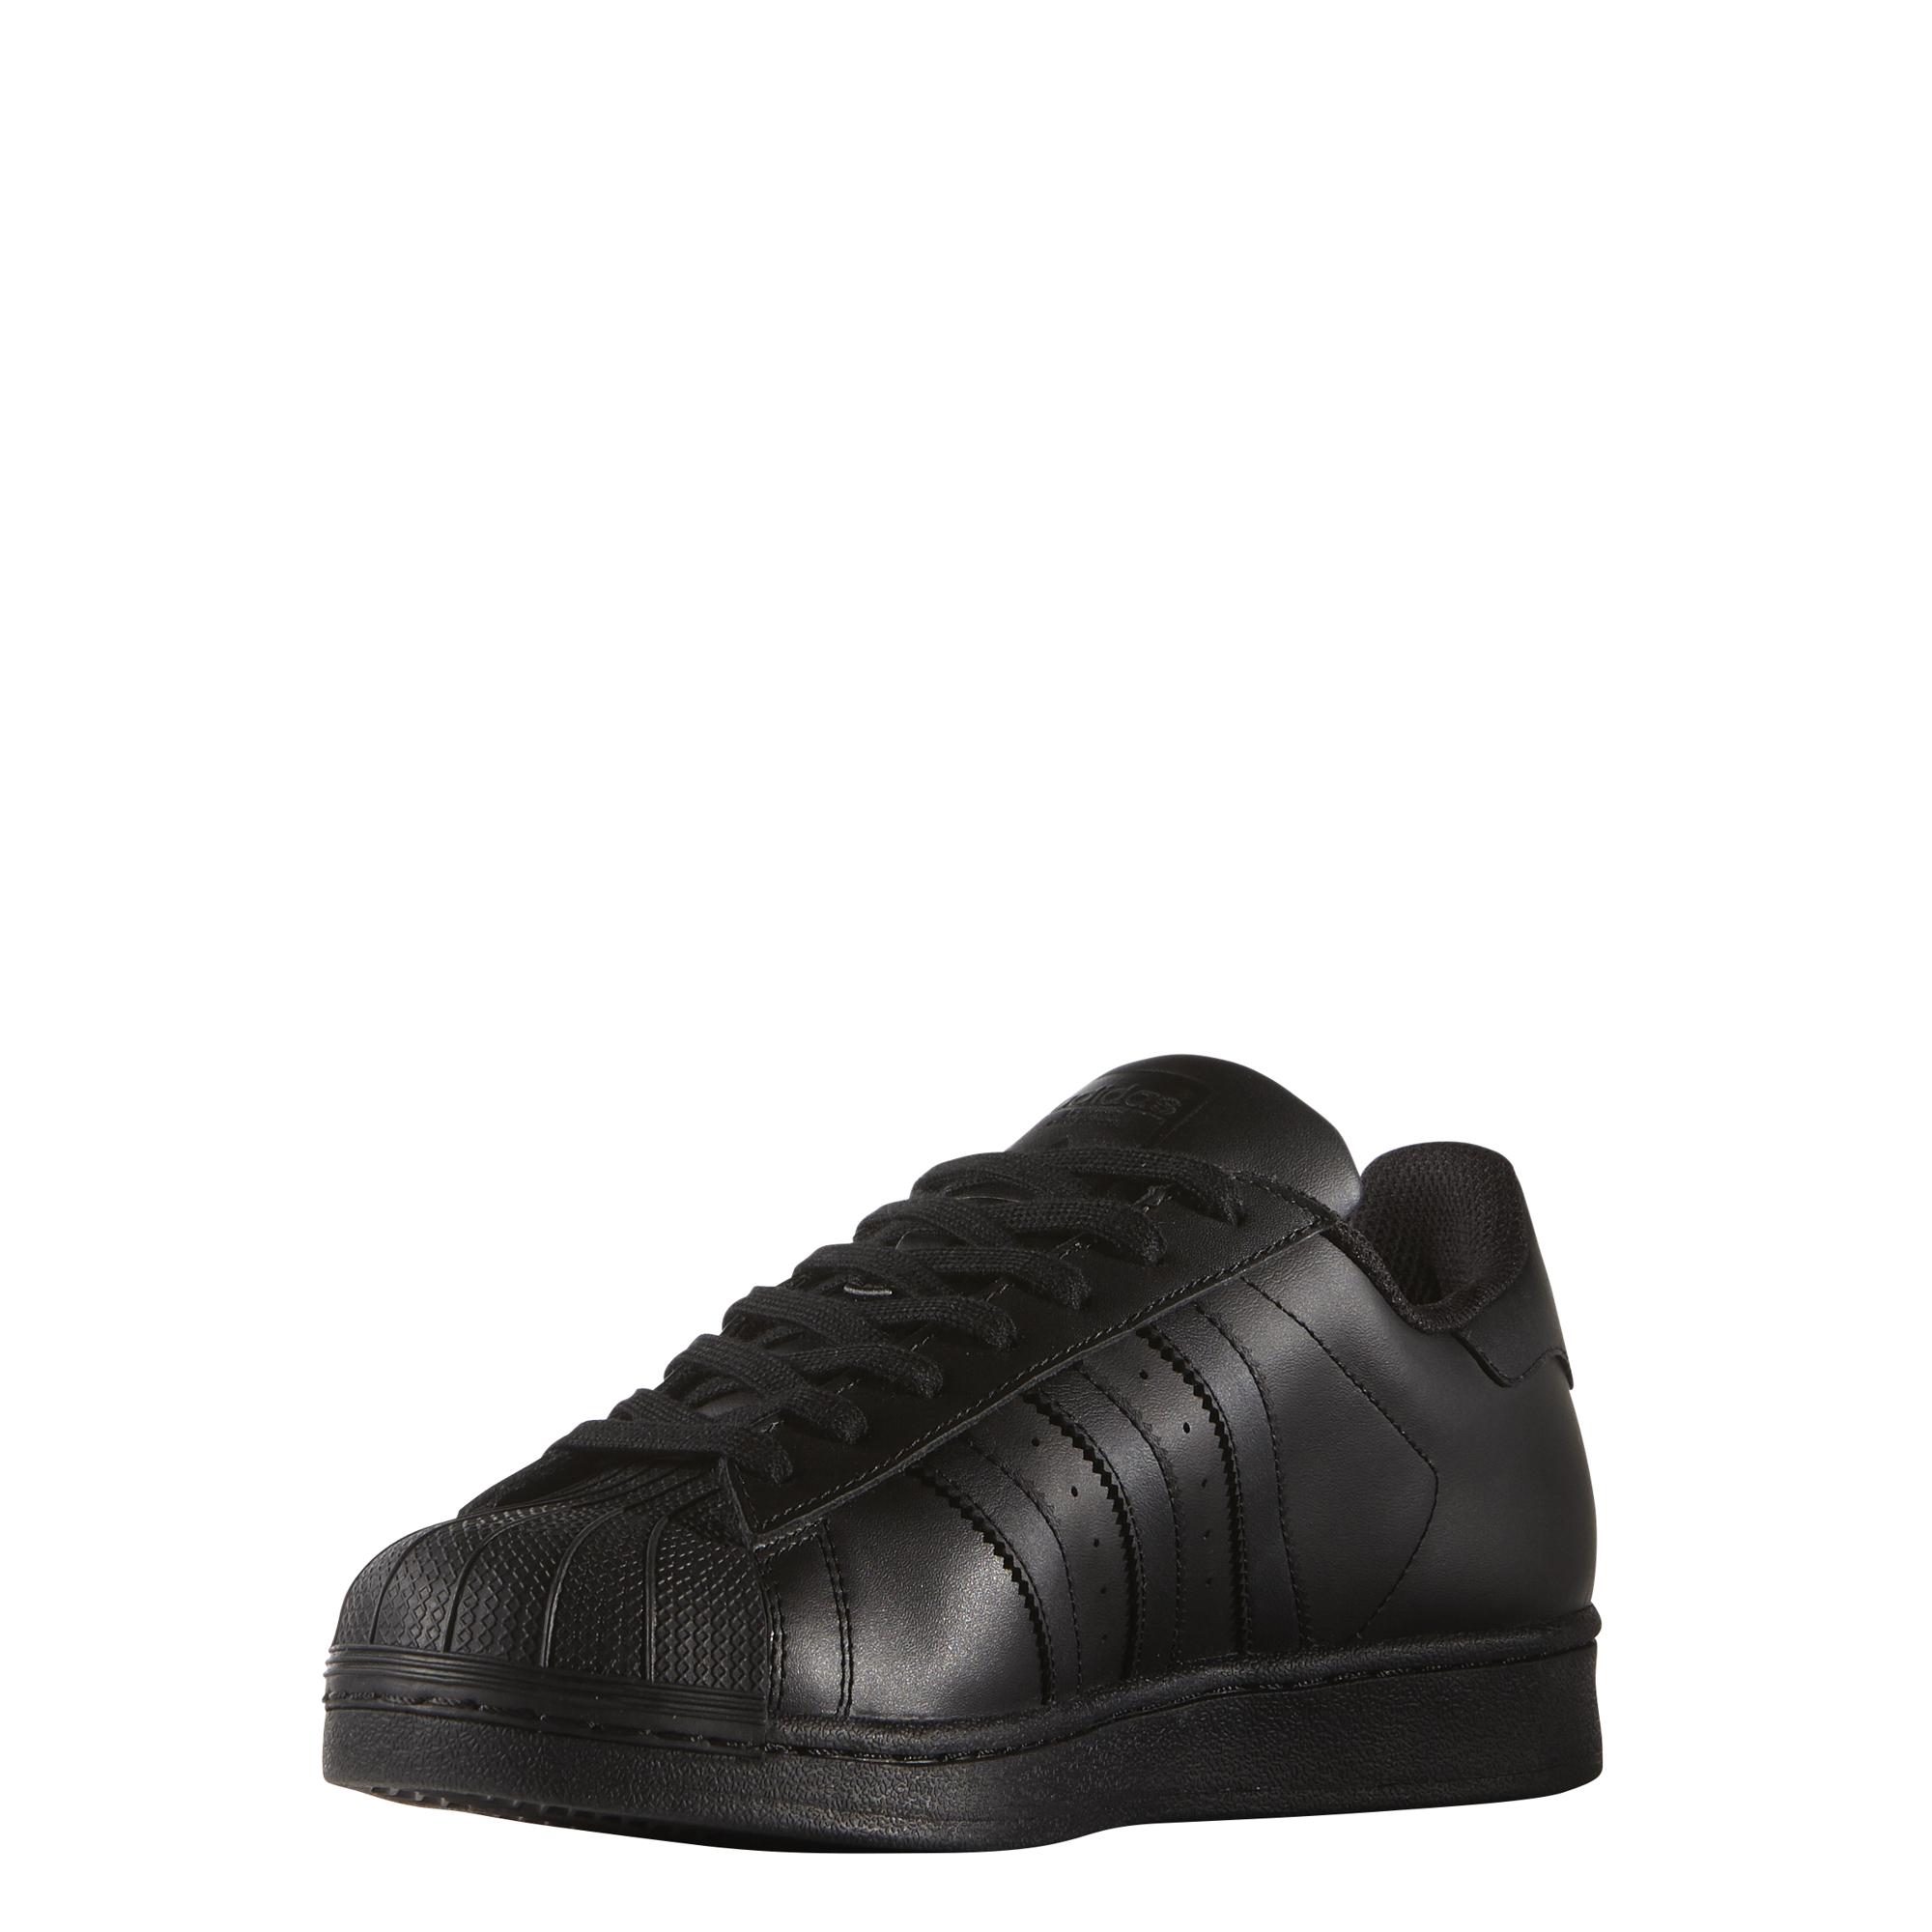 sale retailer 69451 953c0 adidas Superstar Foundation Shoes AF5666